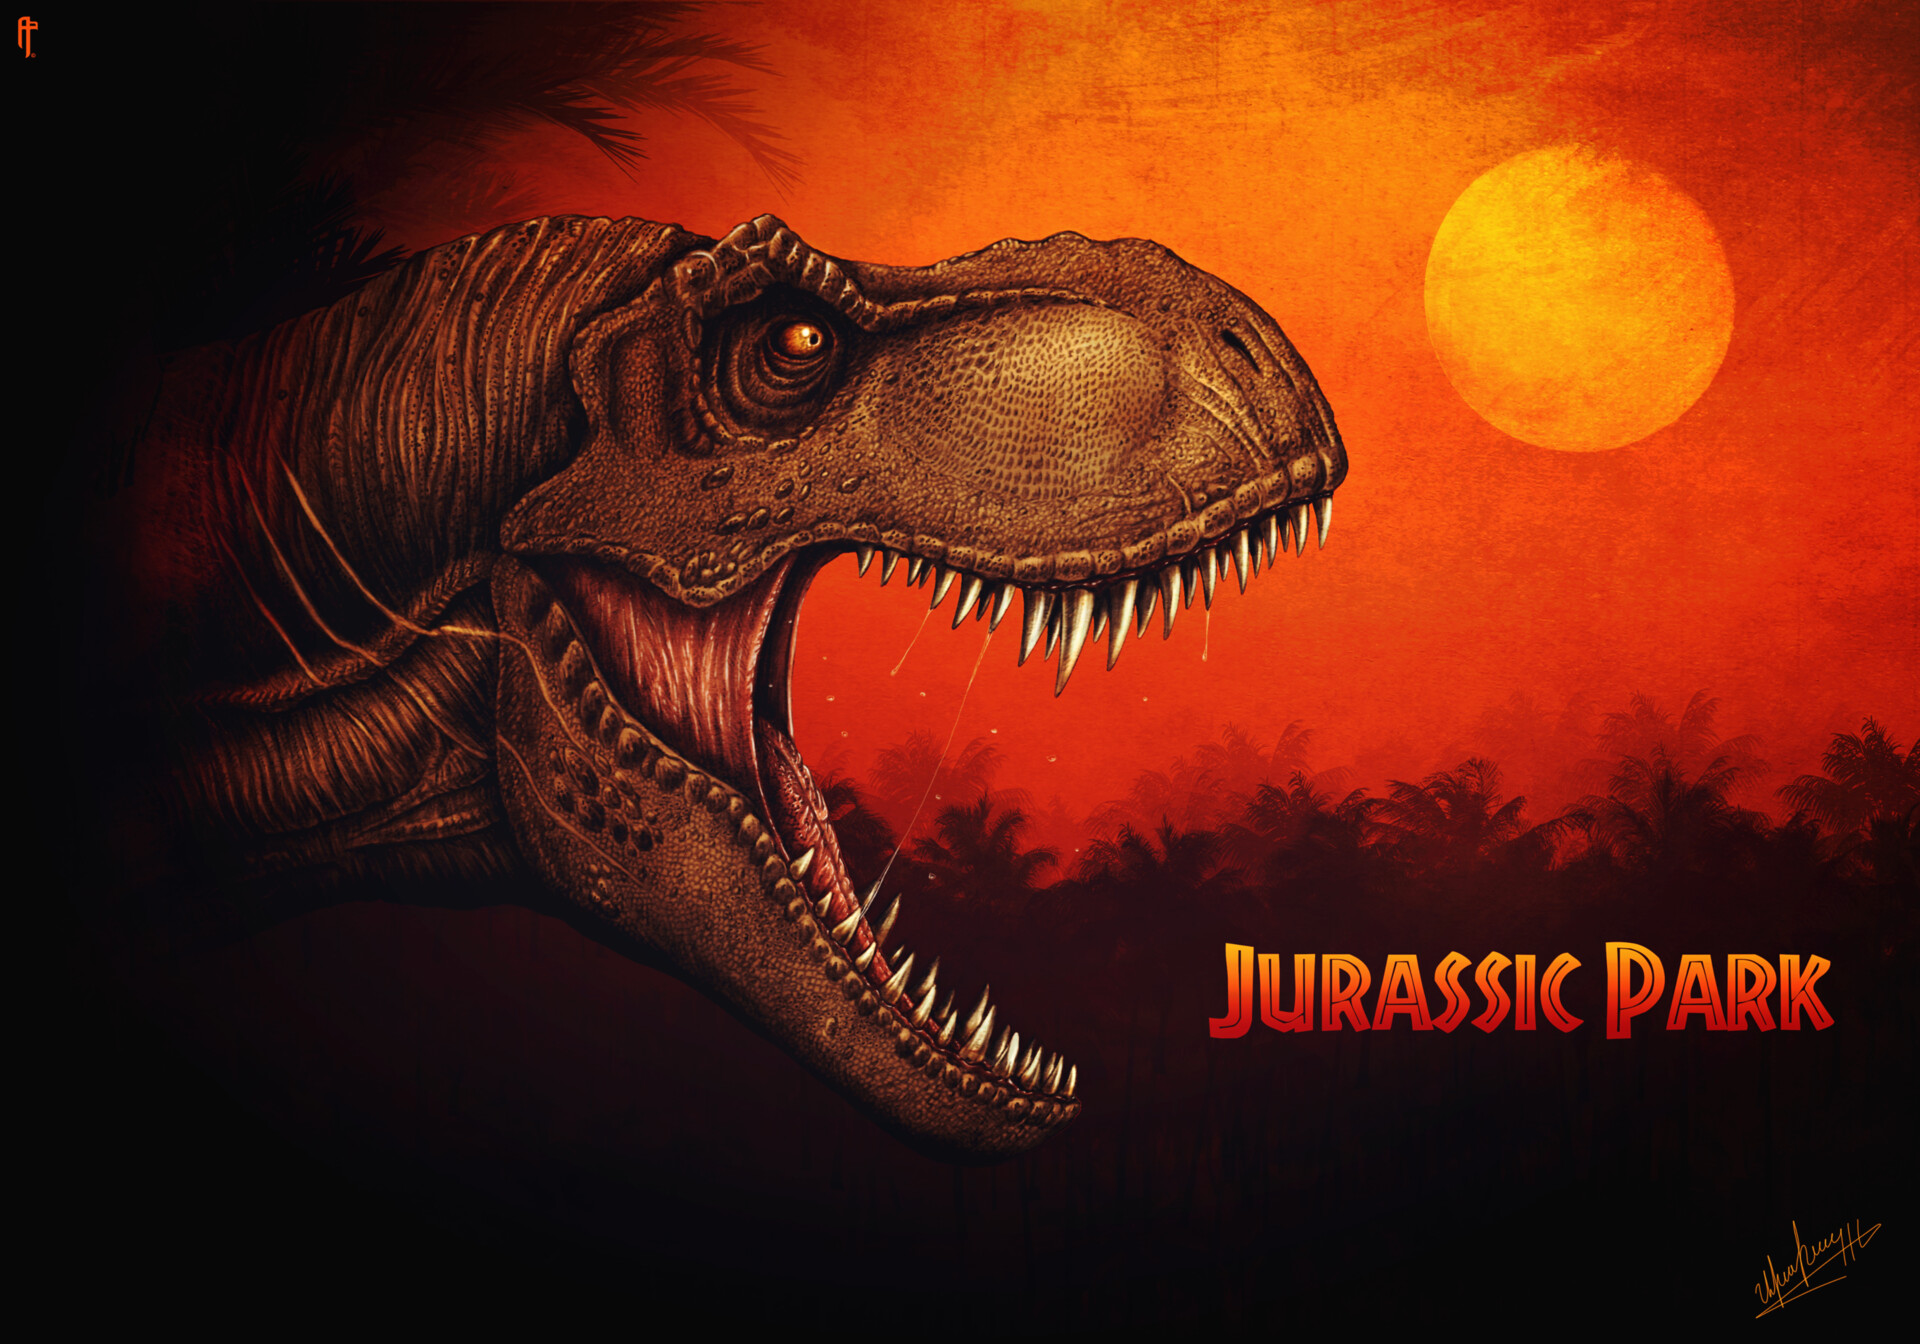 Artstation Jurassic Park 1993 Digital Poster Aram Papazyan